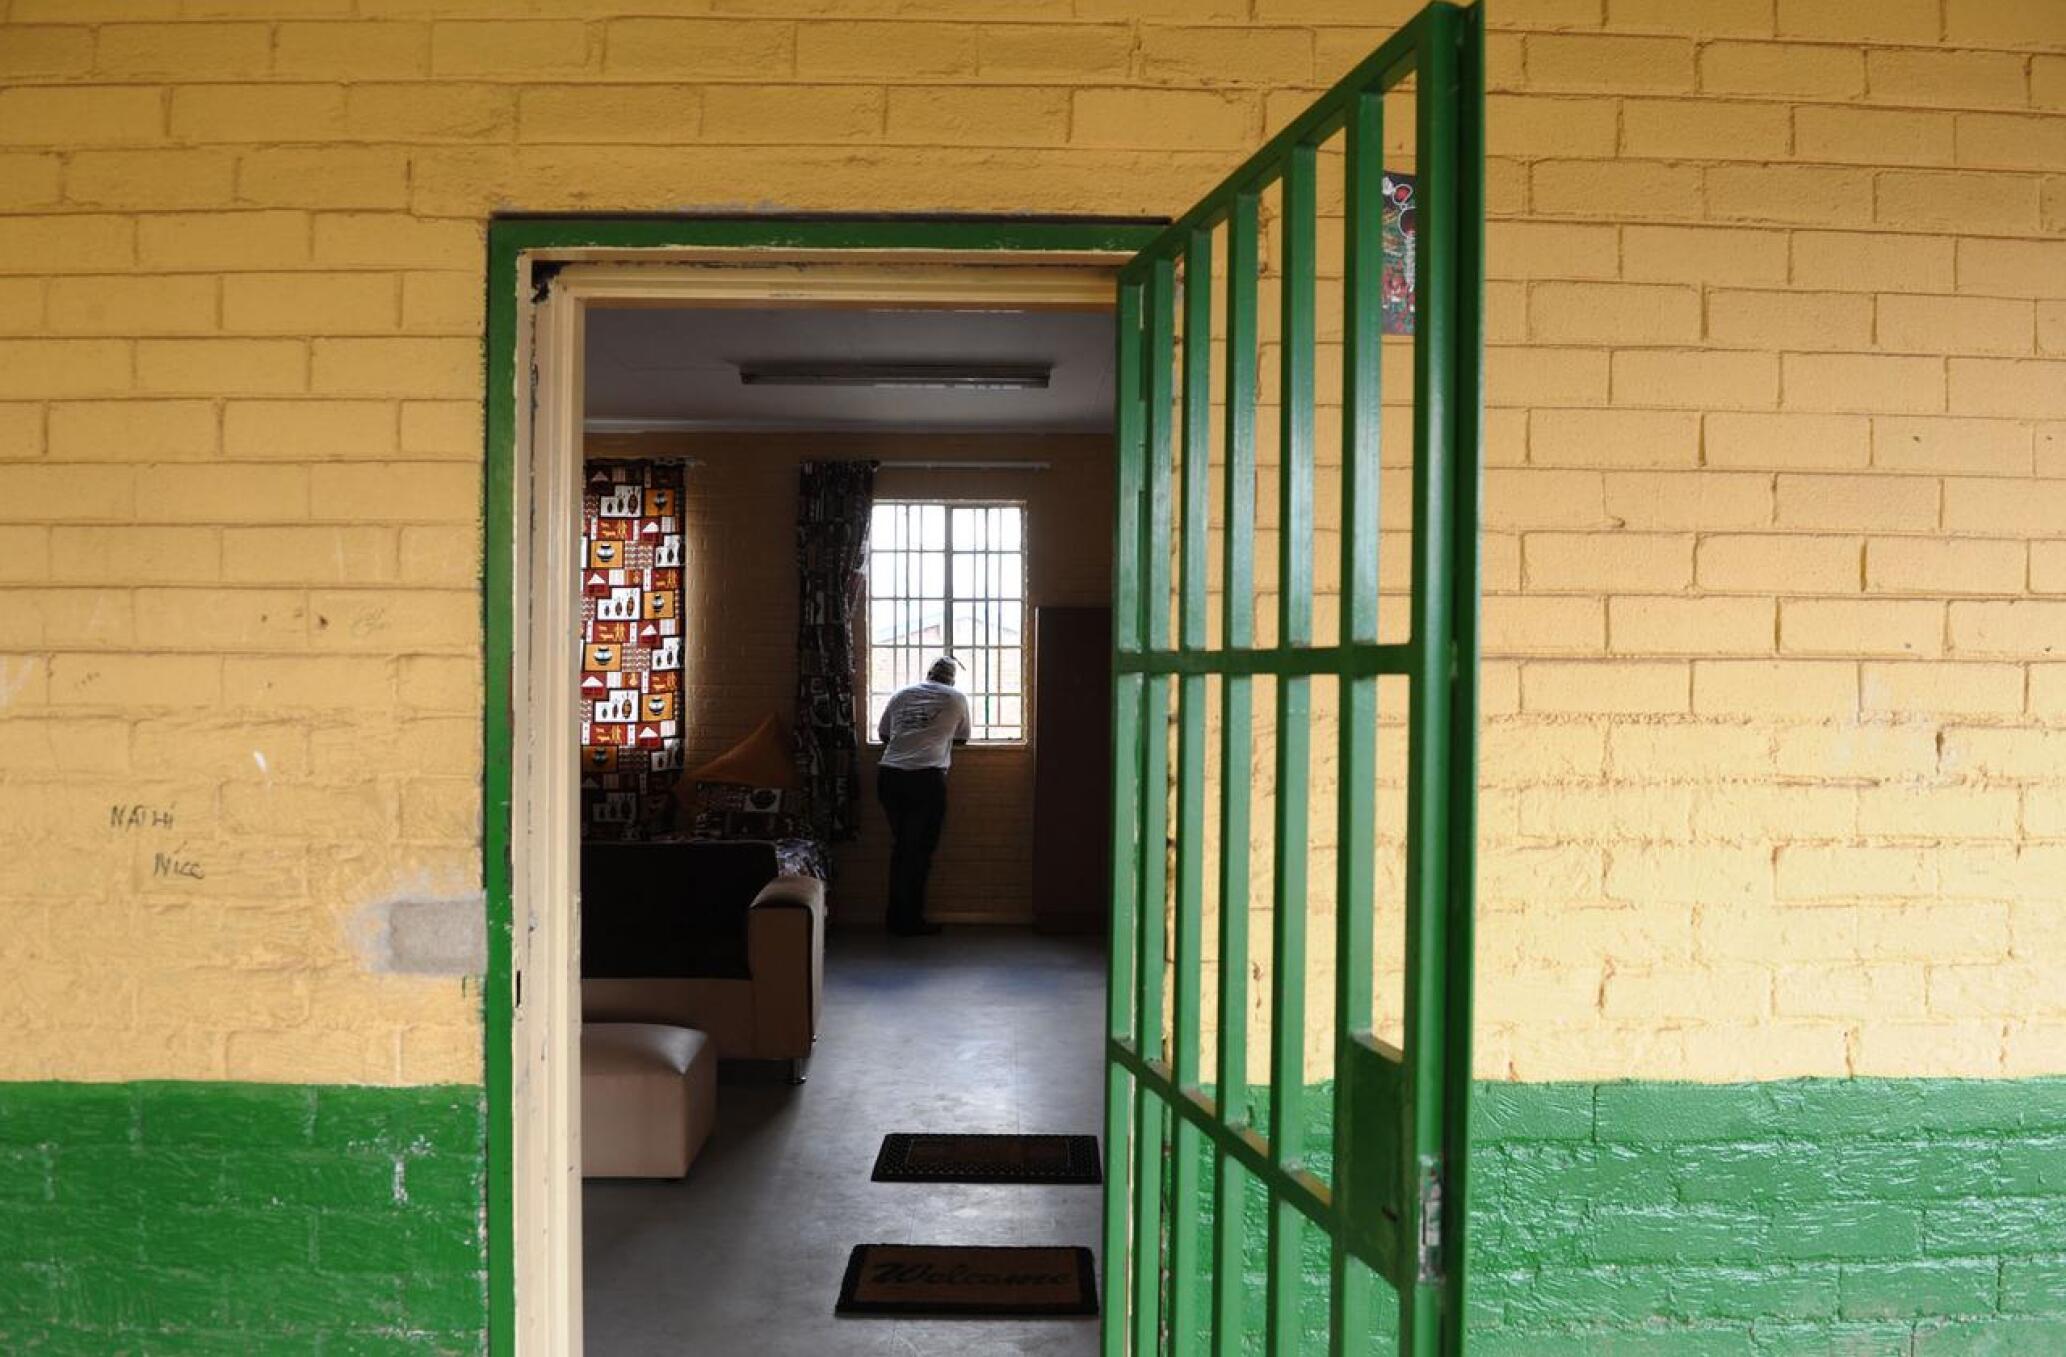 Open classroom gate.